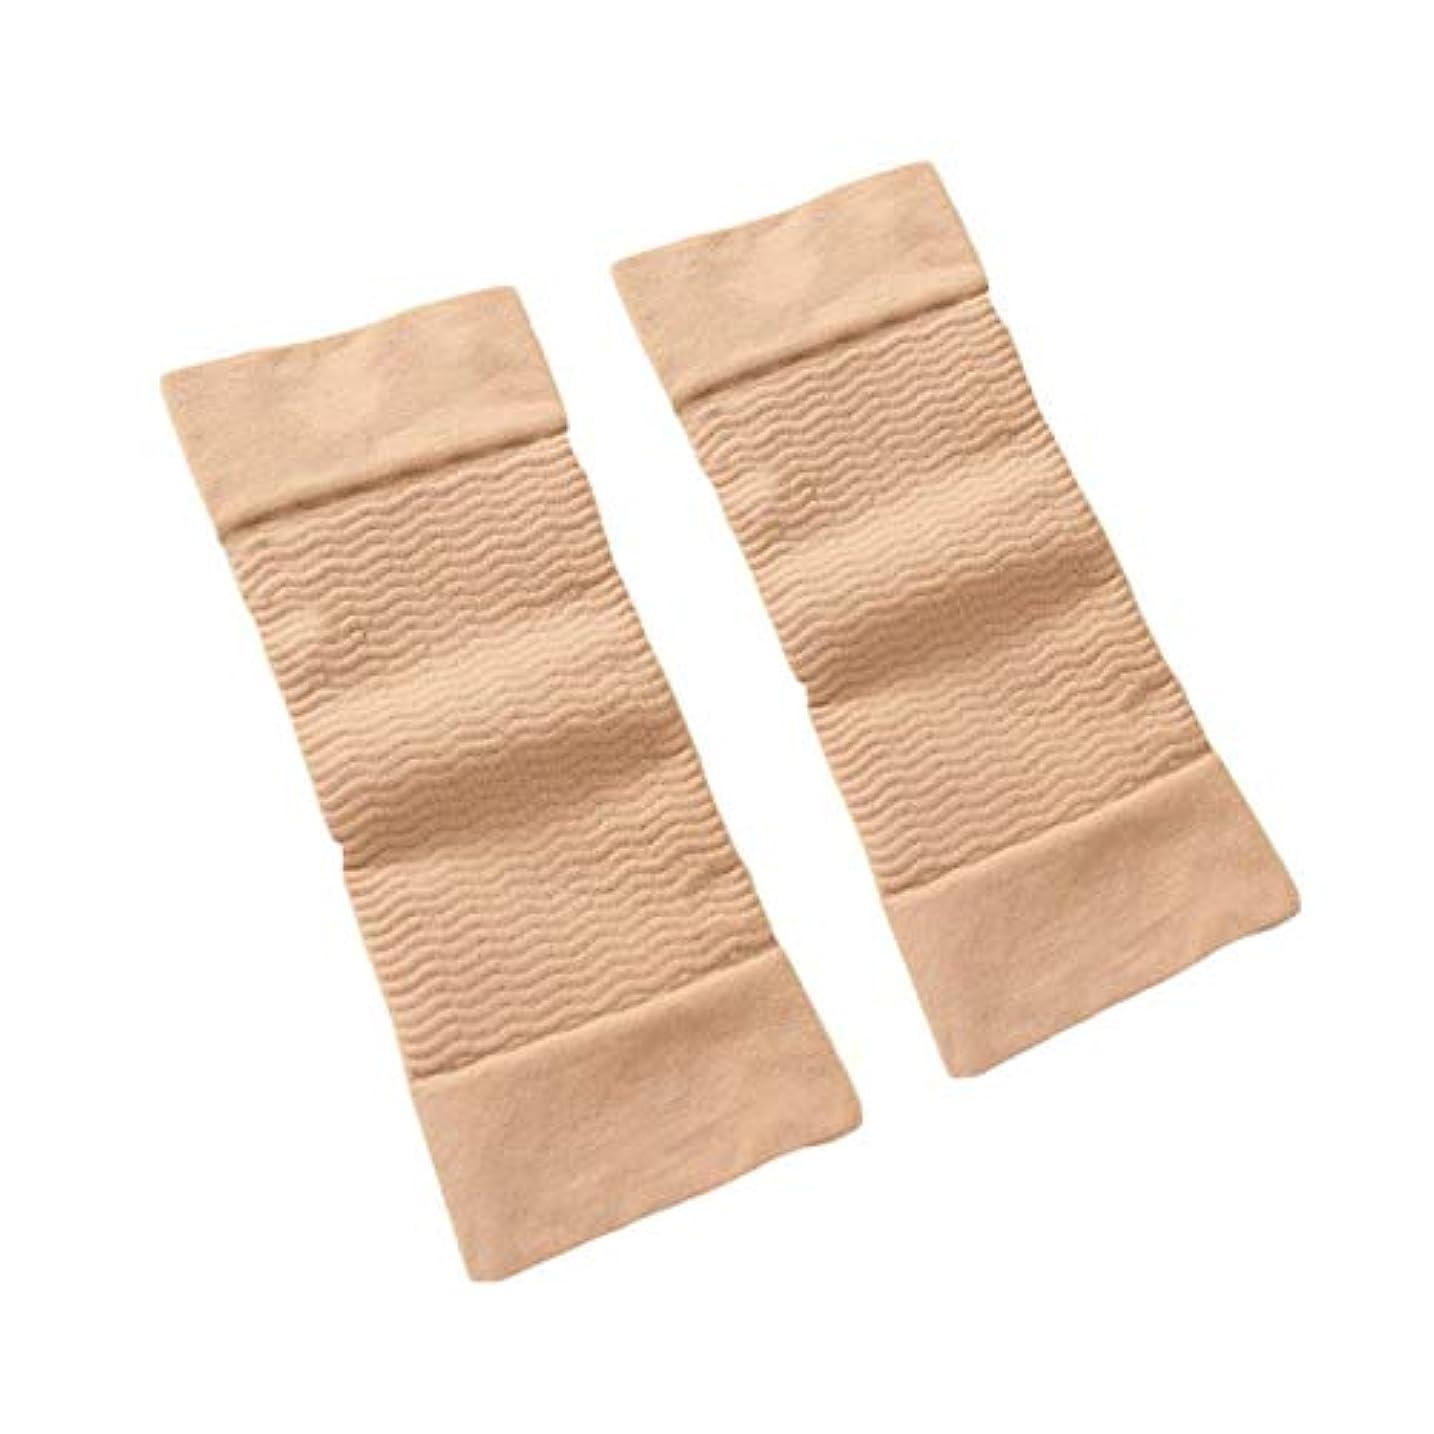 ふつう感度自然公園1ペア420 D圧縮痩身アームスリーブワークアウトトーニングバーンセルライトシェイパー脂肪燃焼袖用女性 - 肌色